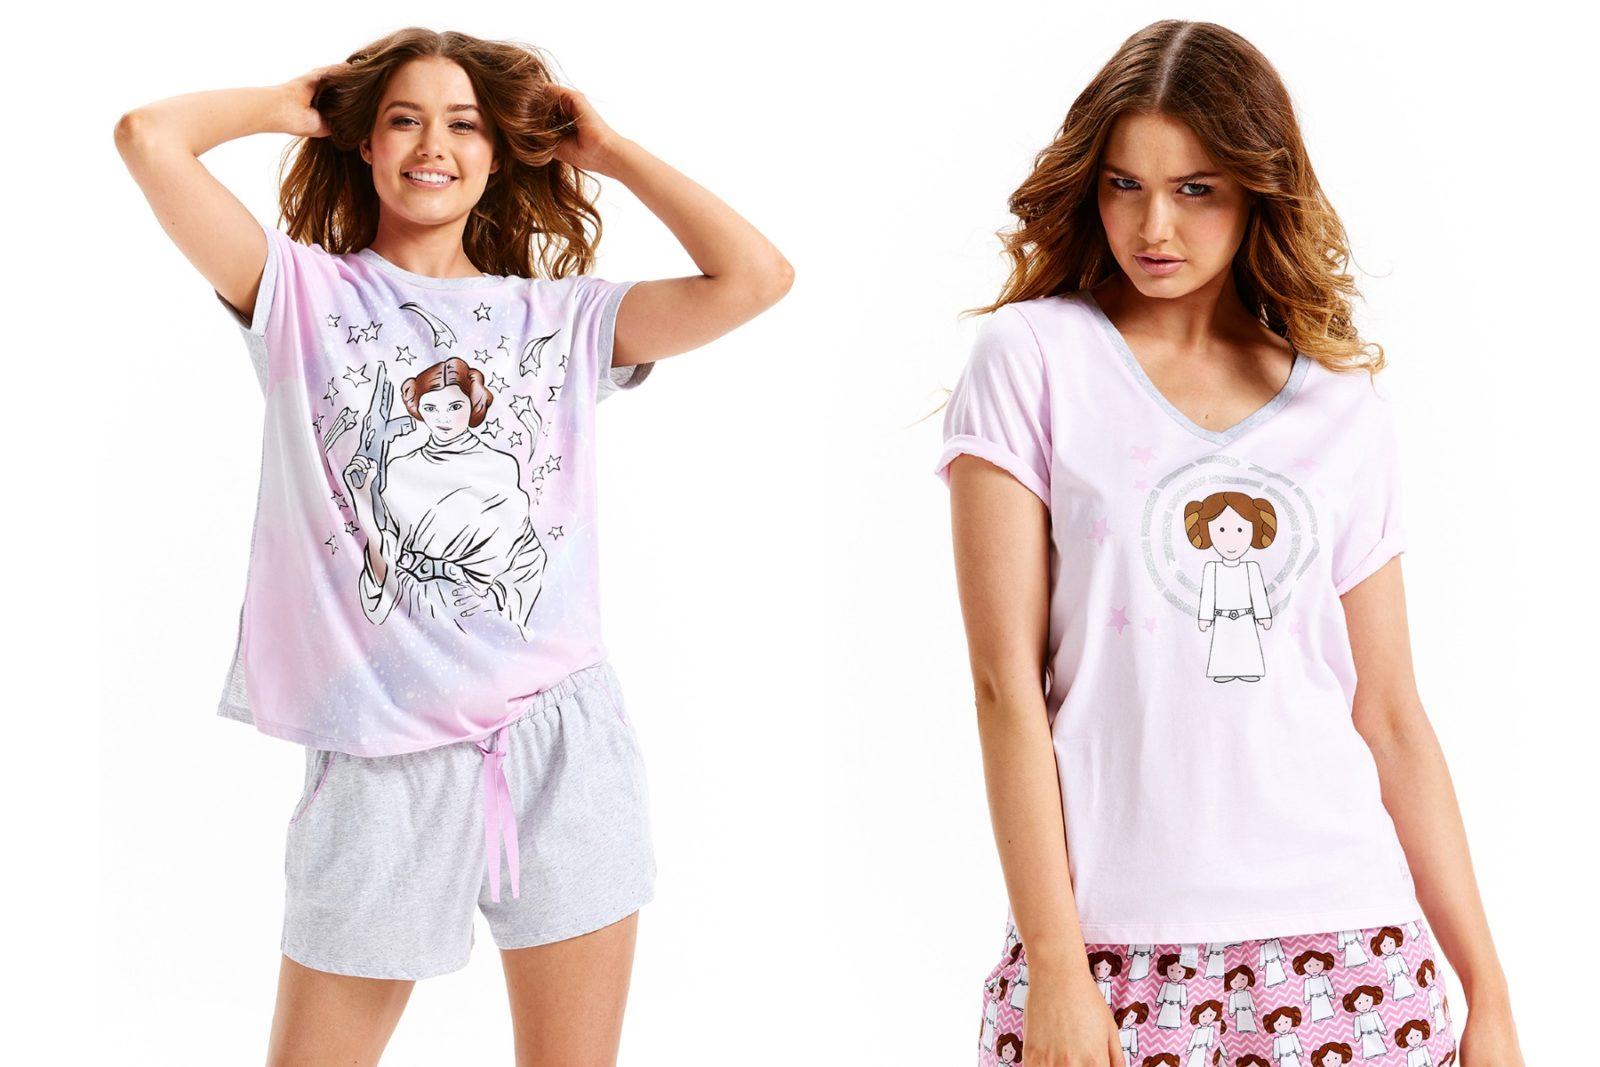 Princess Leia Sleepwear by Peter Alexander